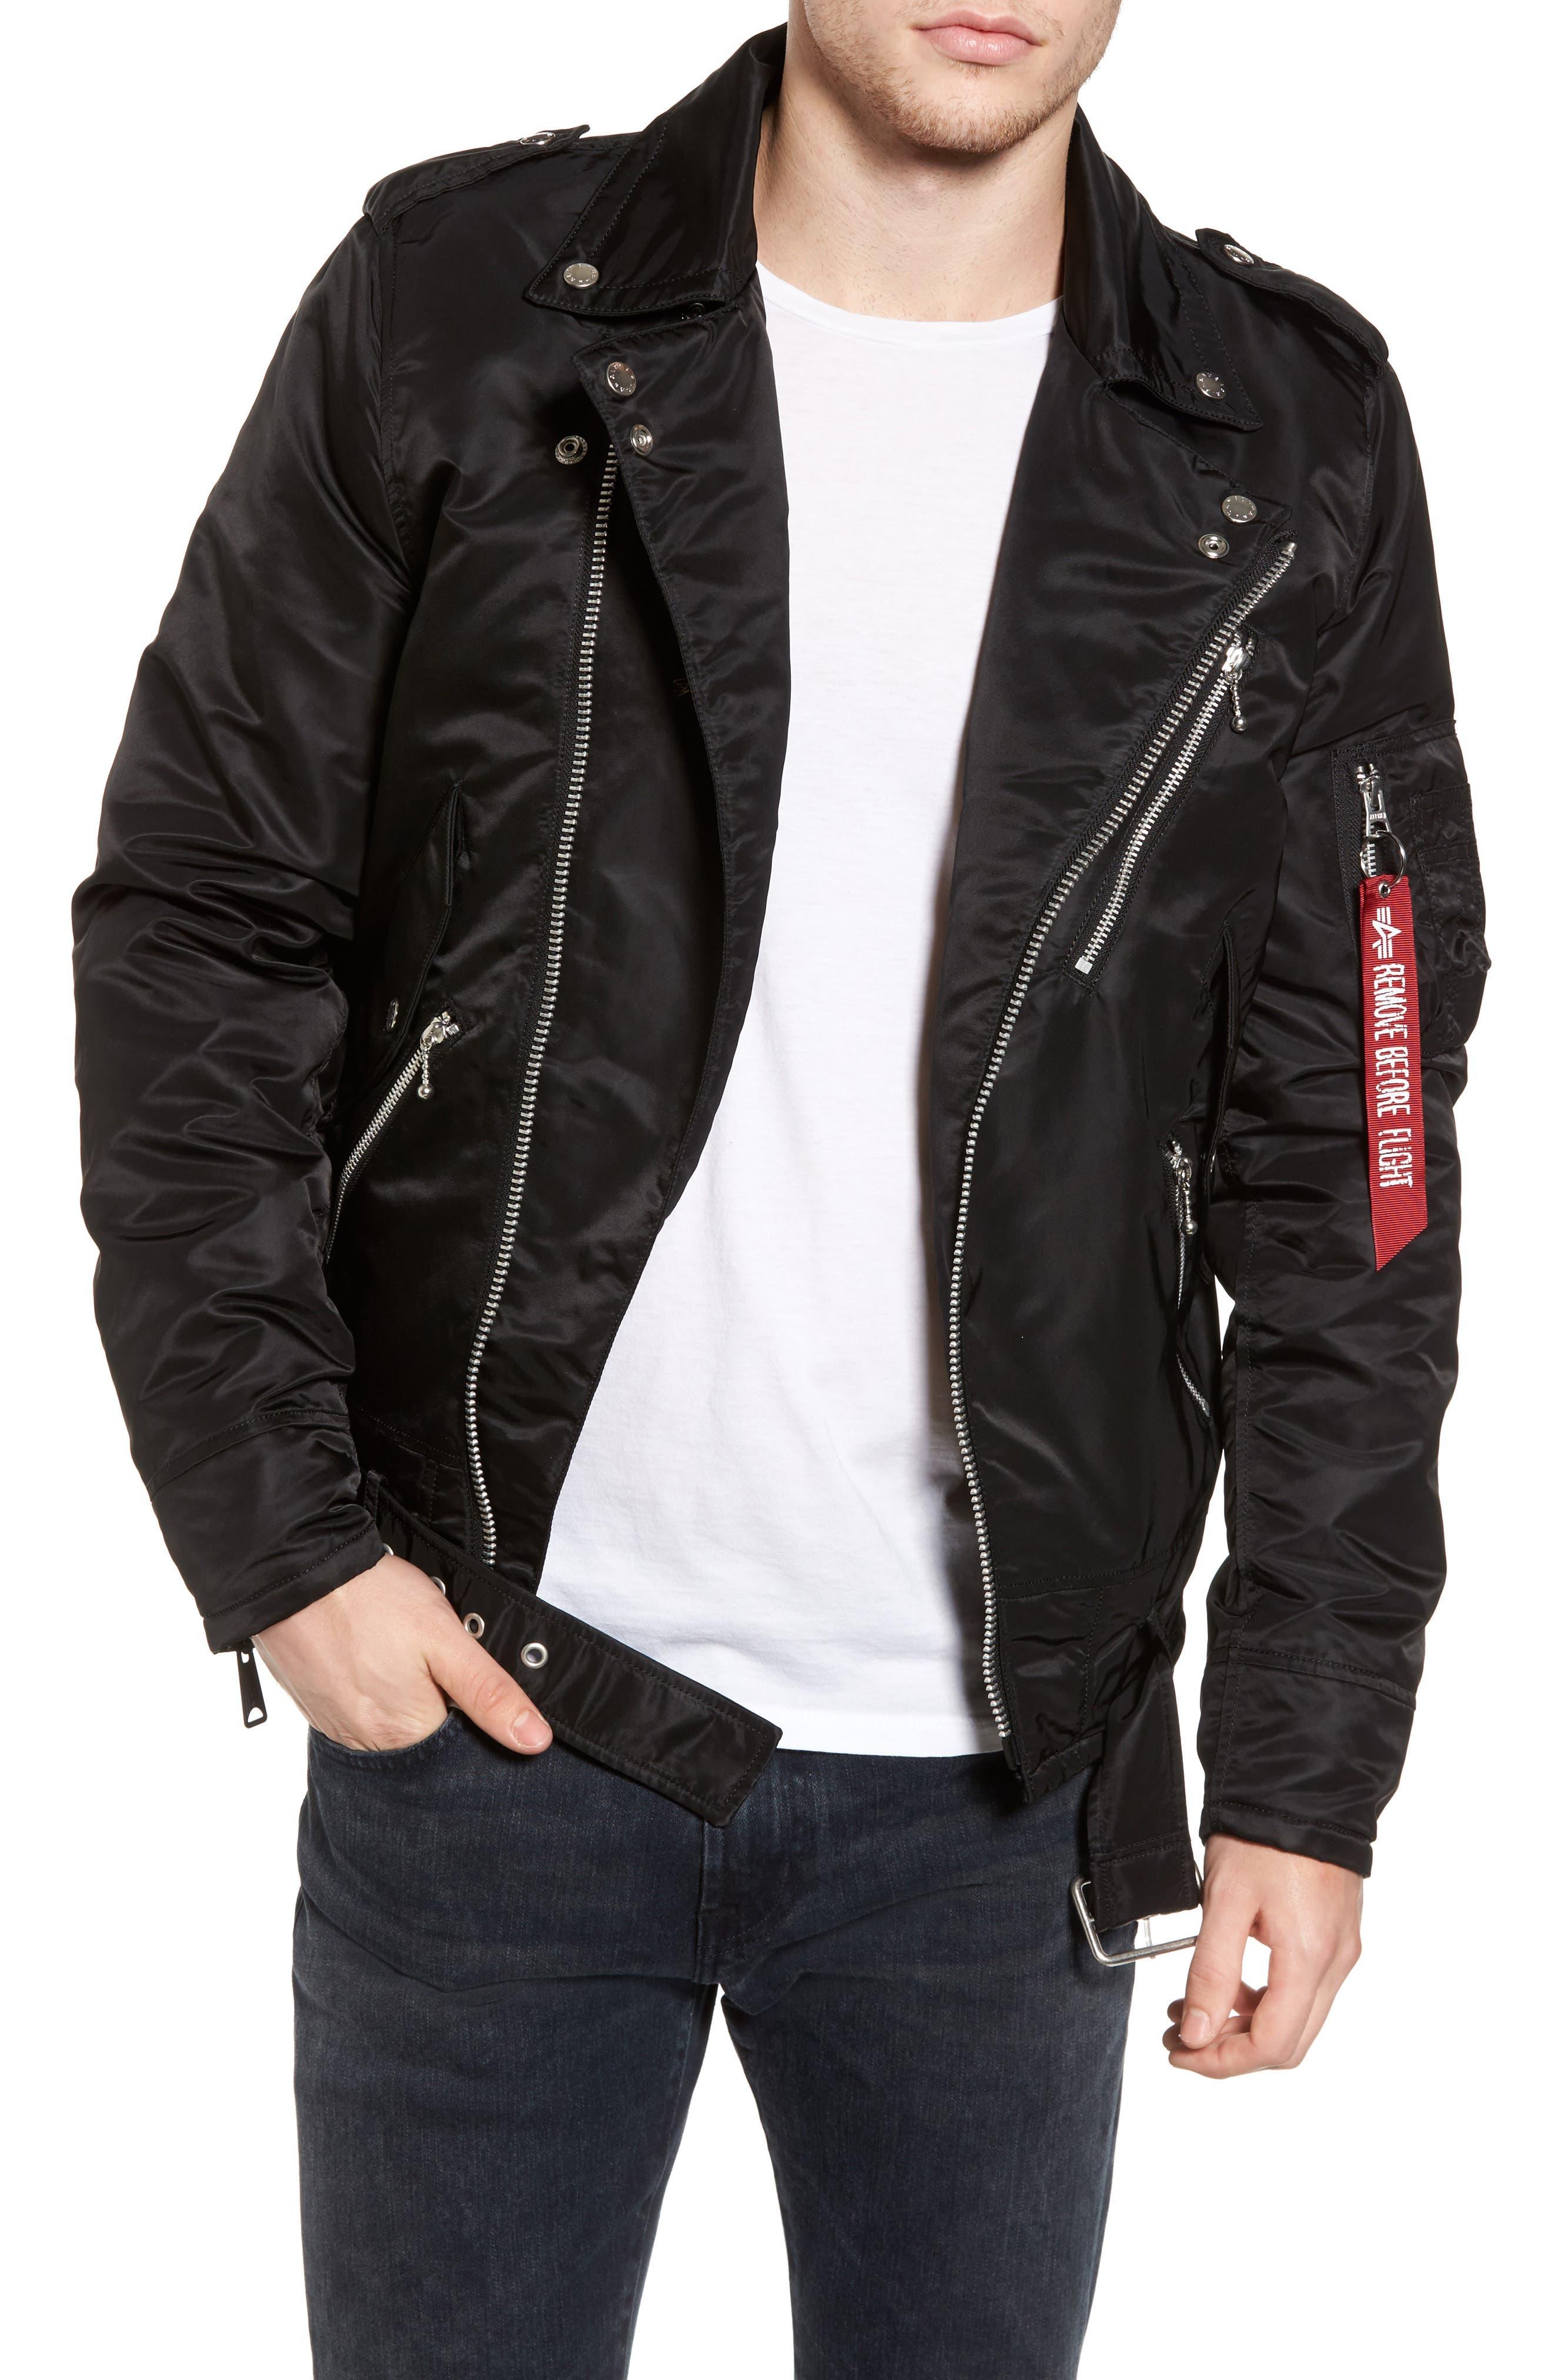 Outlaw Biker Jacket,                         Main,                         color, 001